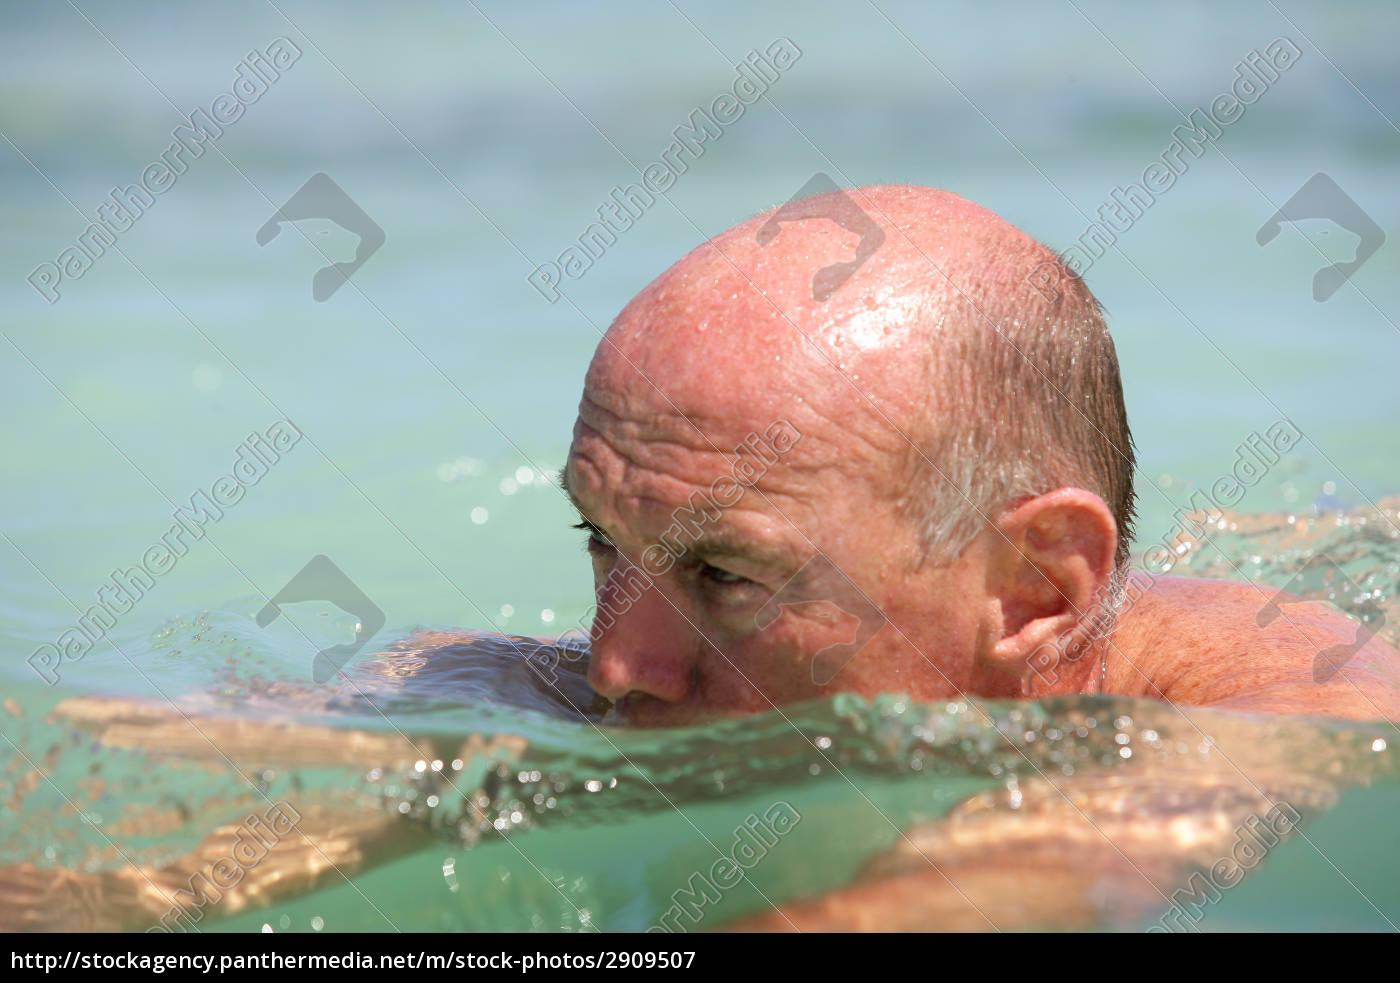 portrait, of, elderly, man, bathing, in - 2909507